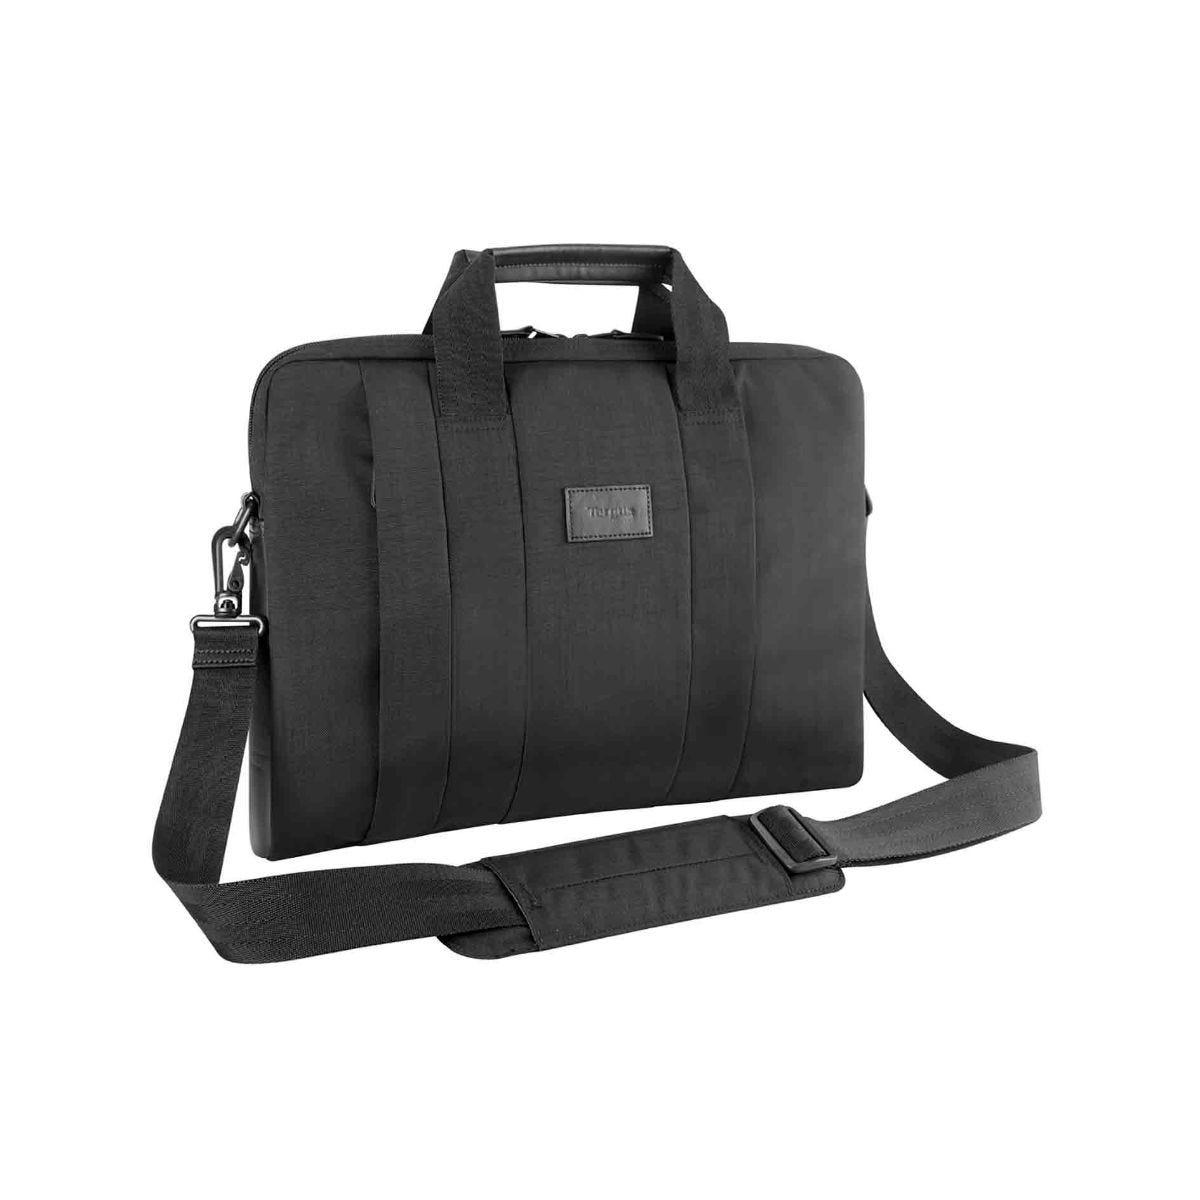 Image of Targus CitySmart Laptop Slipcase 16 Inch Black, Black